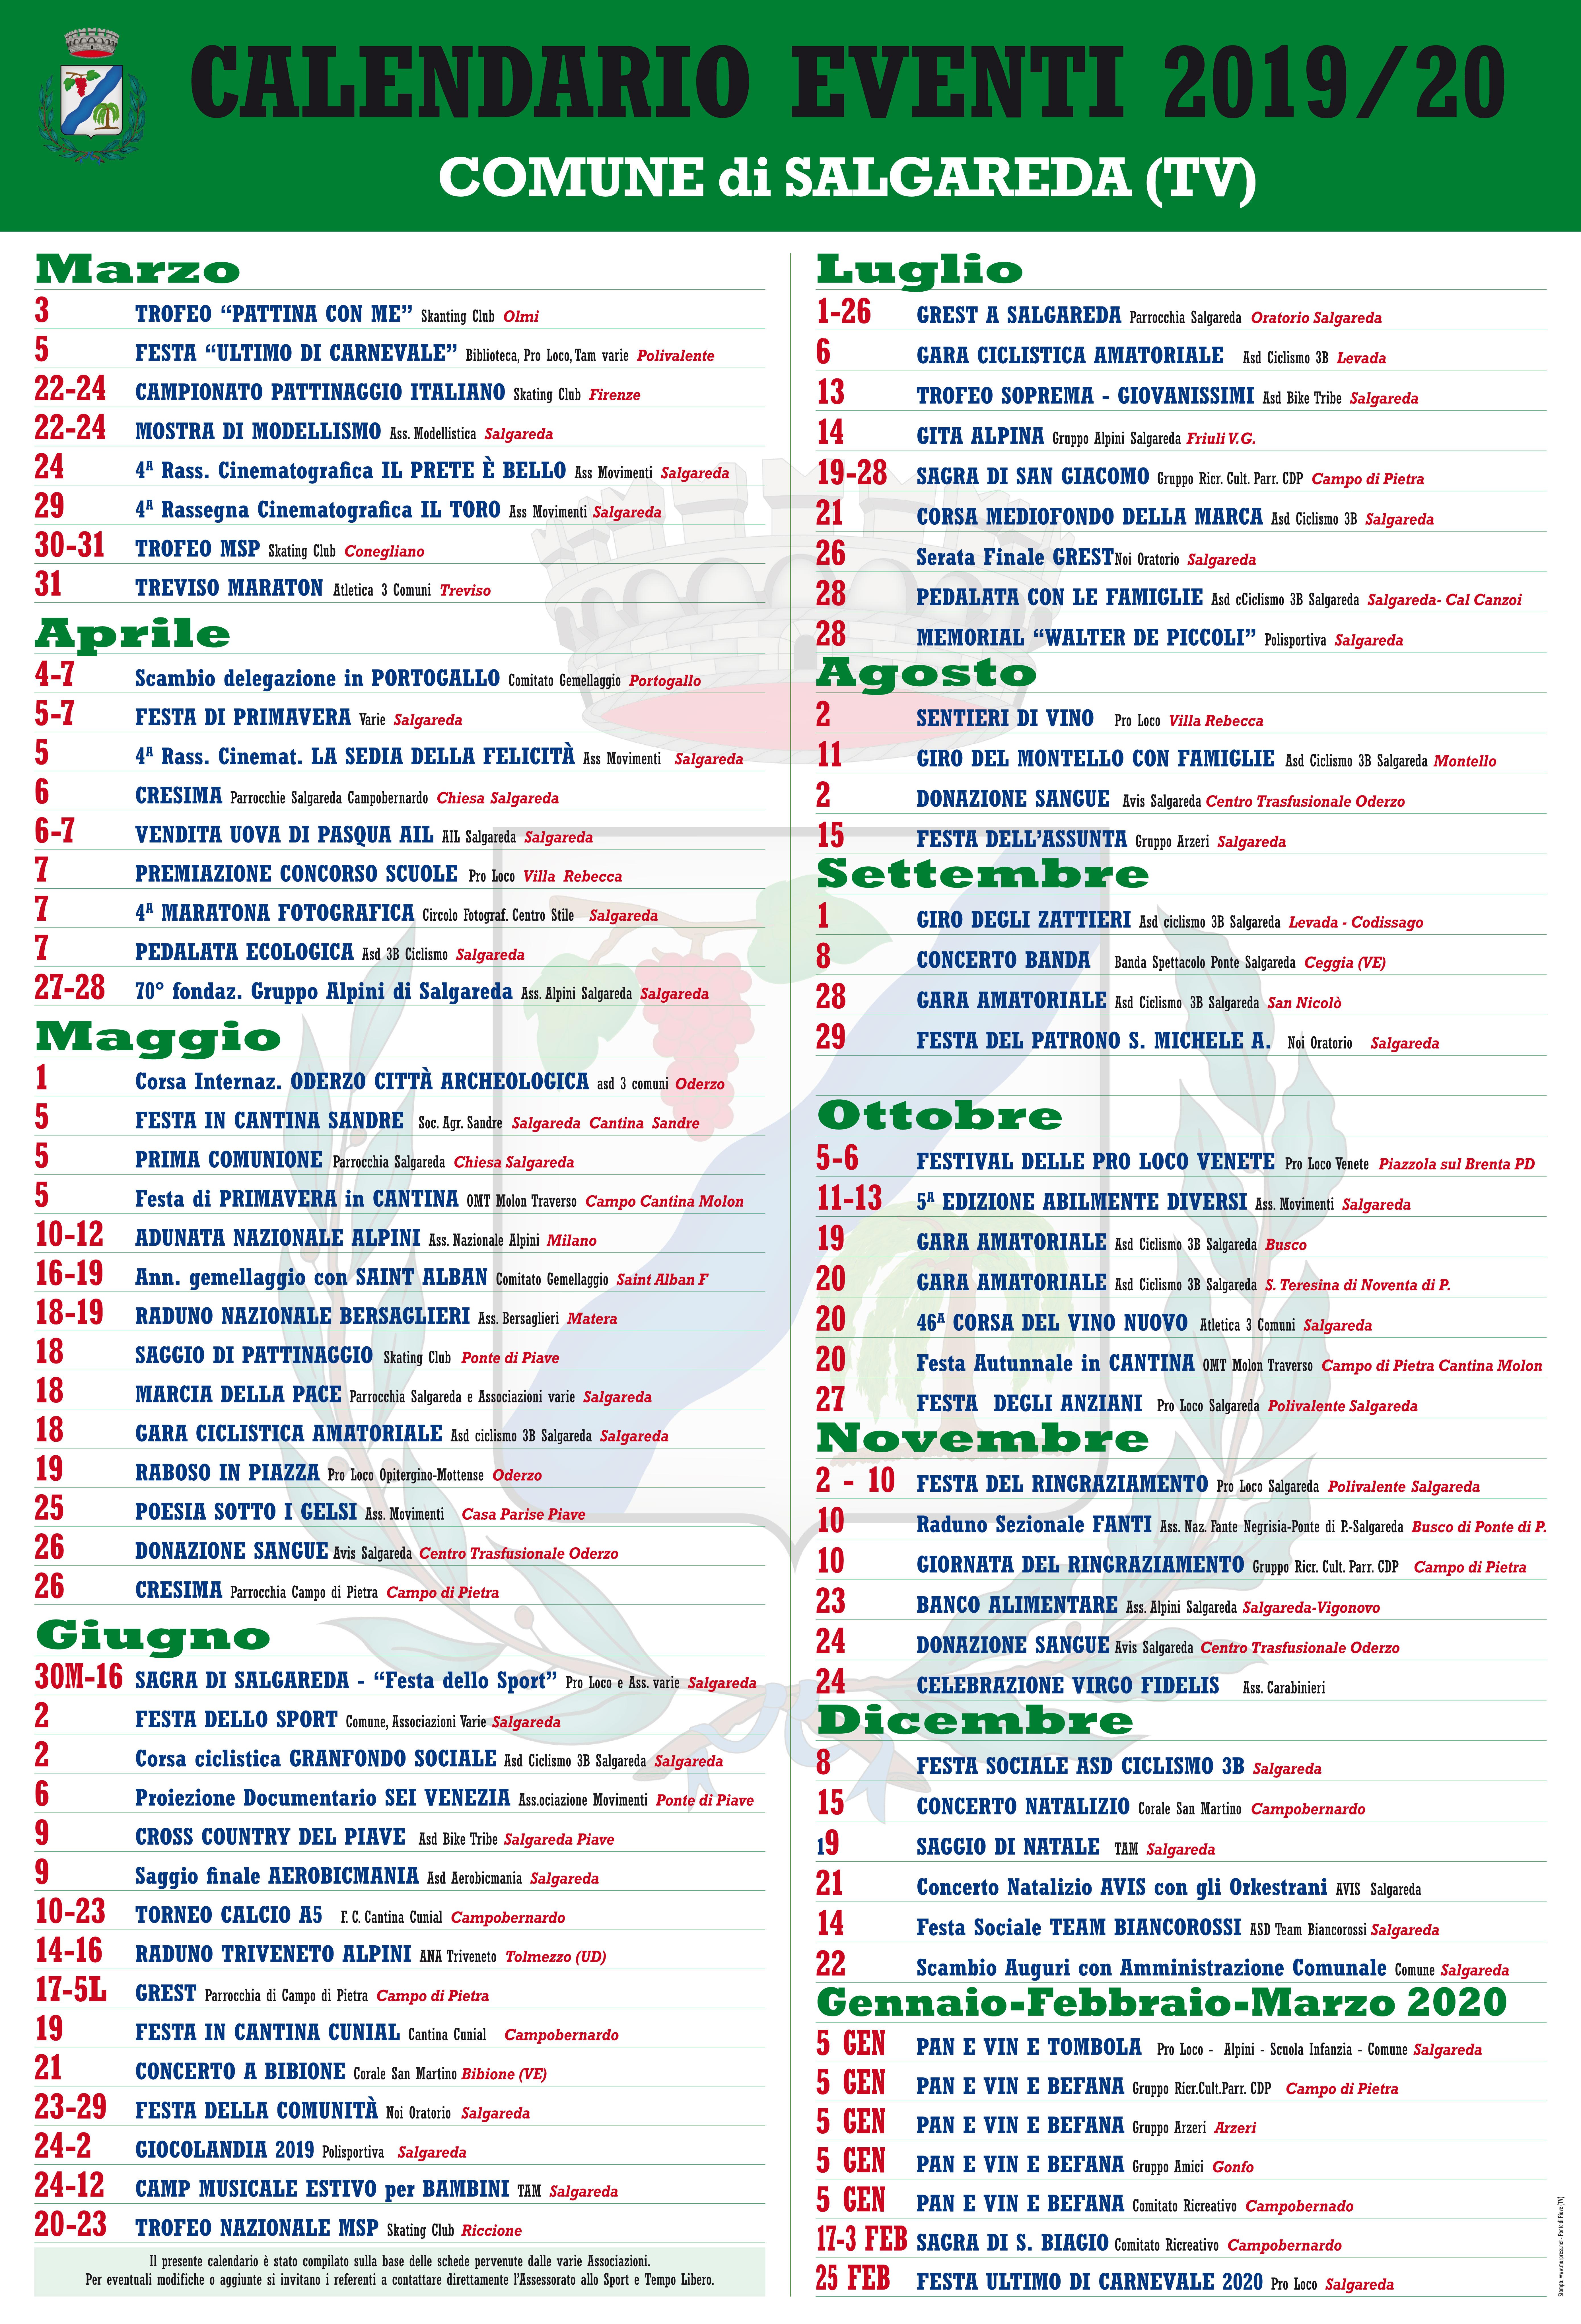 Calendario Eventi 2020.Comune Di Salgareda